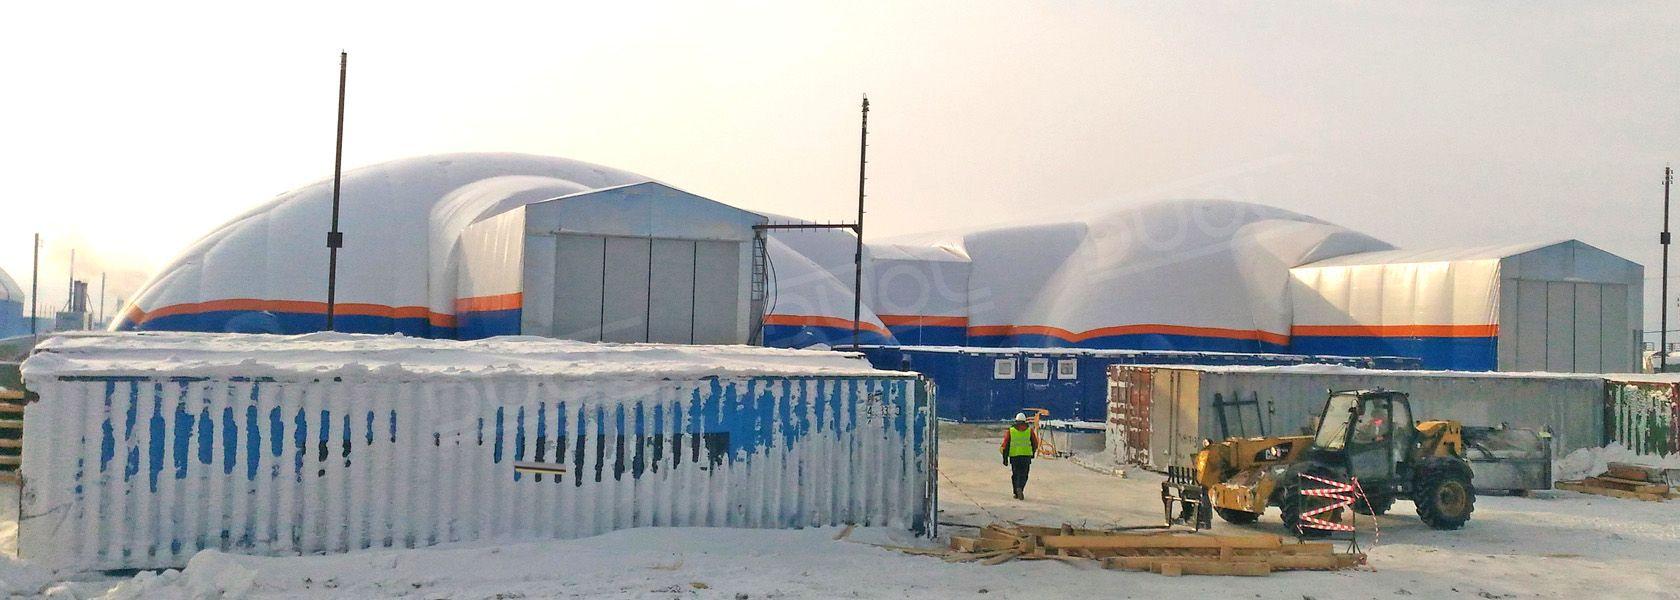 Les Structures Gonflables DUOL pour Entrepôt industriel